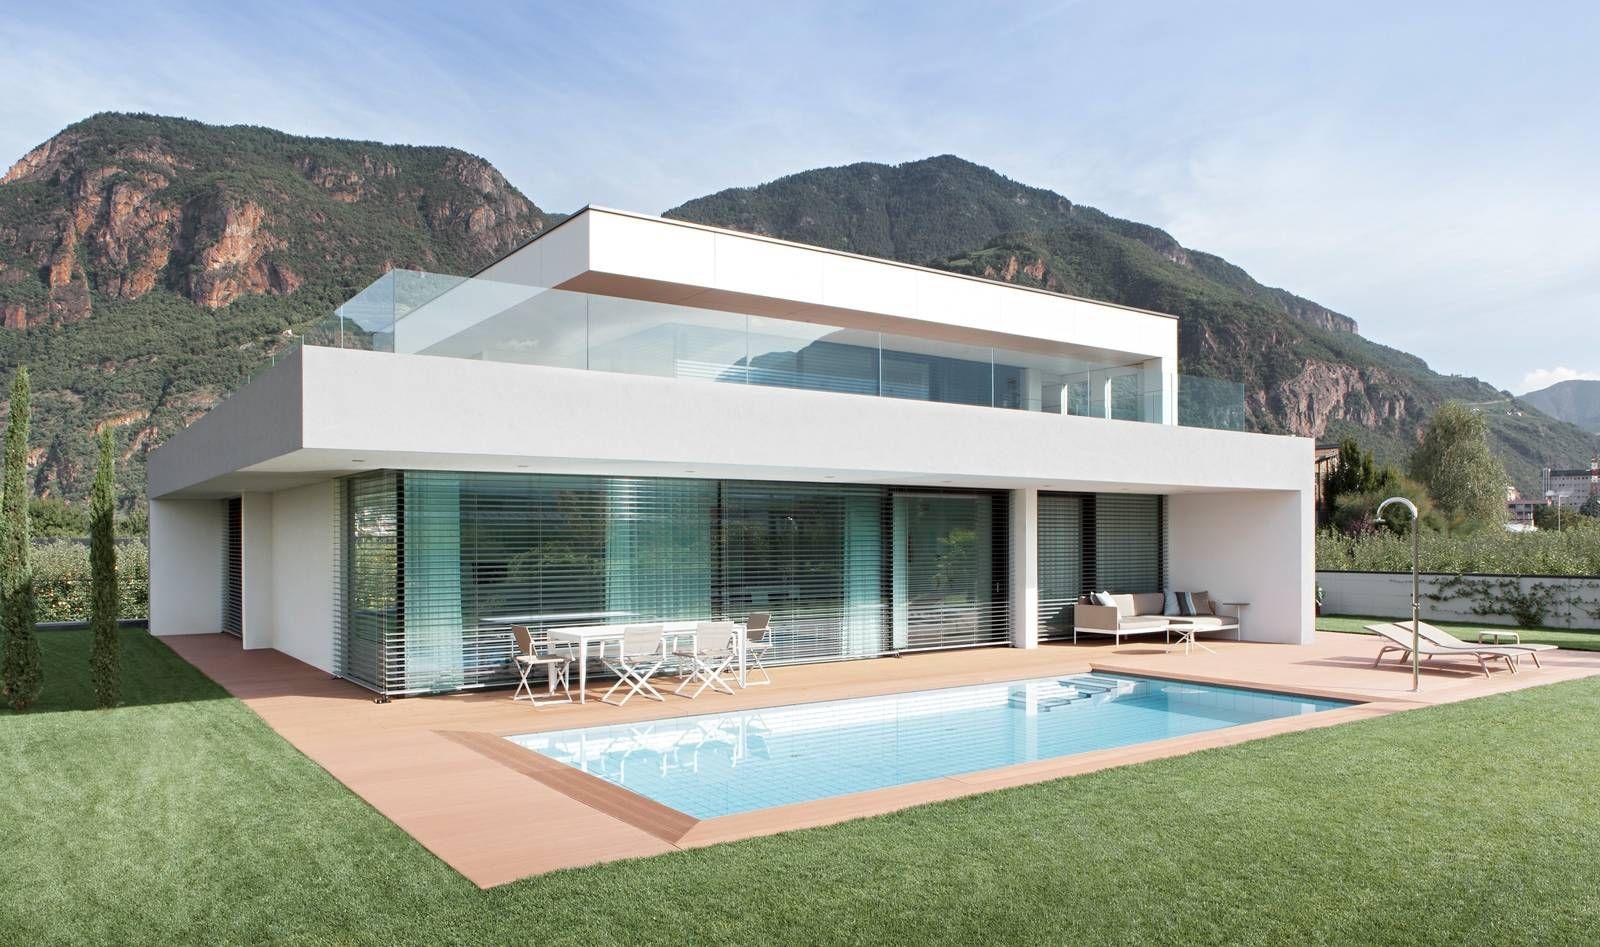 Pin di pawel su domy case prefabbricate architettura for Case fatte da architetti